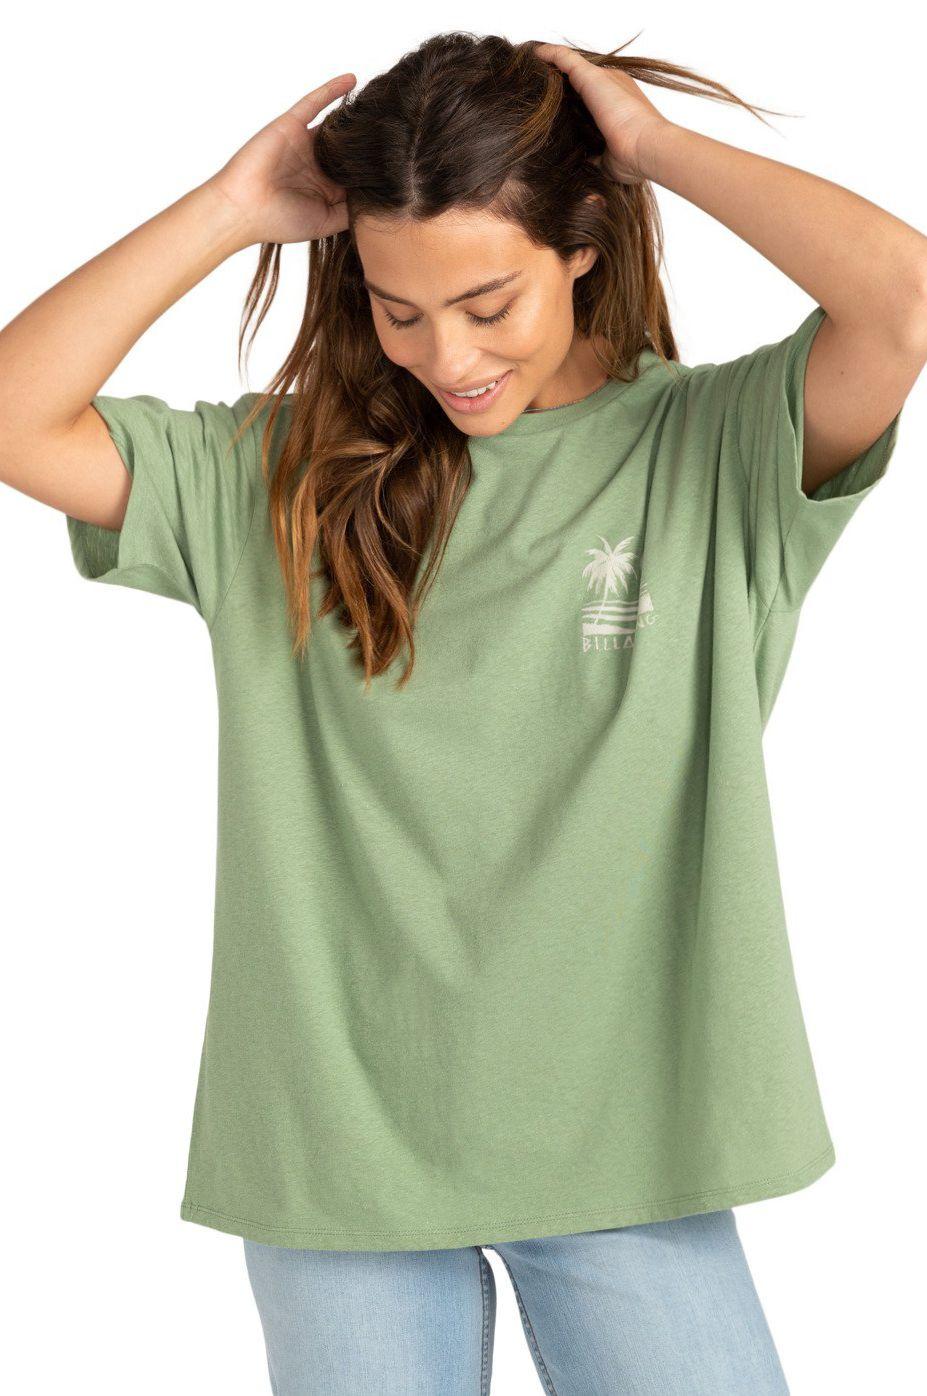 Billabong T-Shirt LOCAL SPOT Safari Green